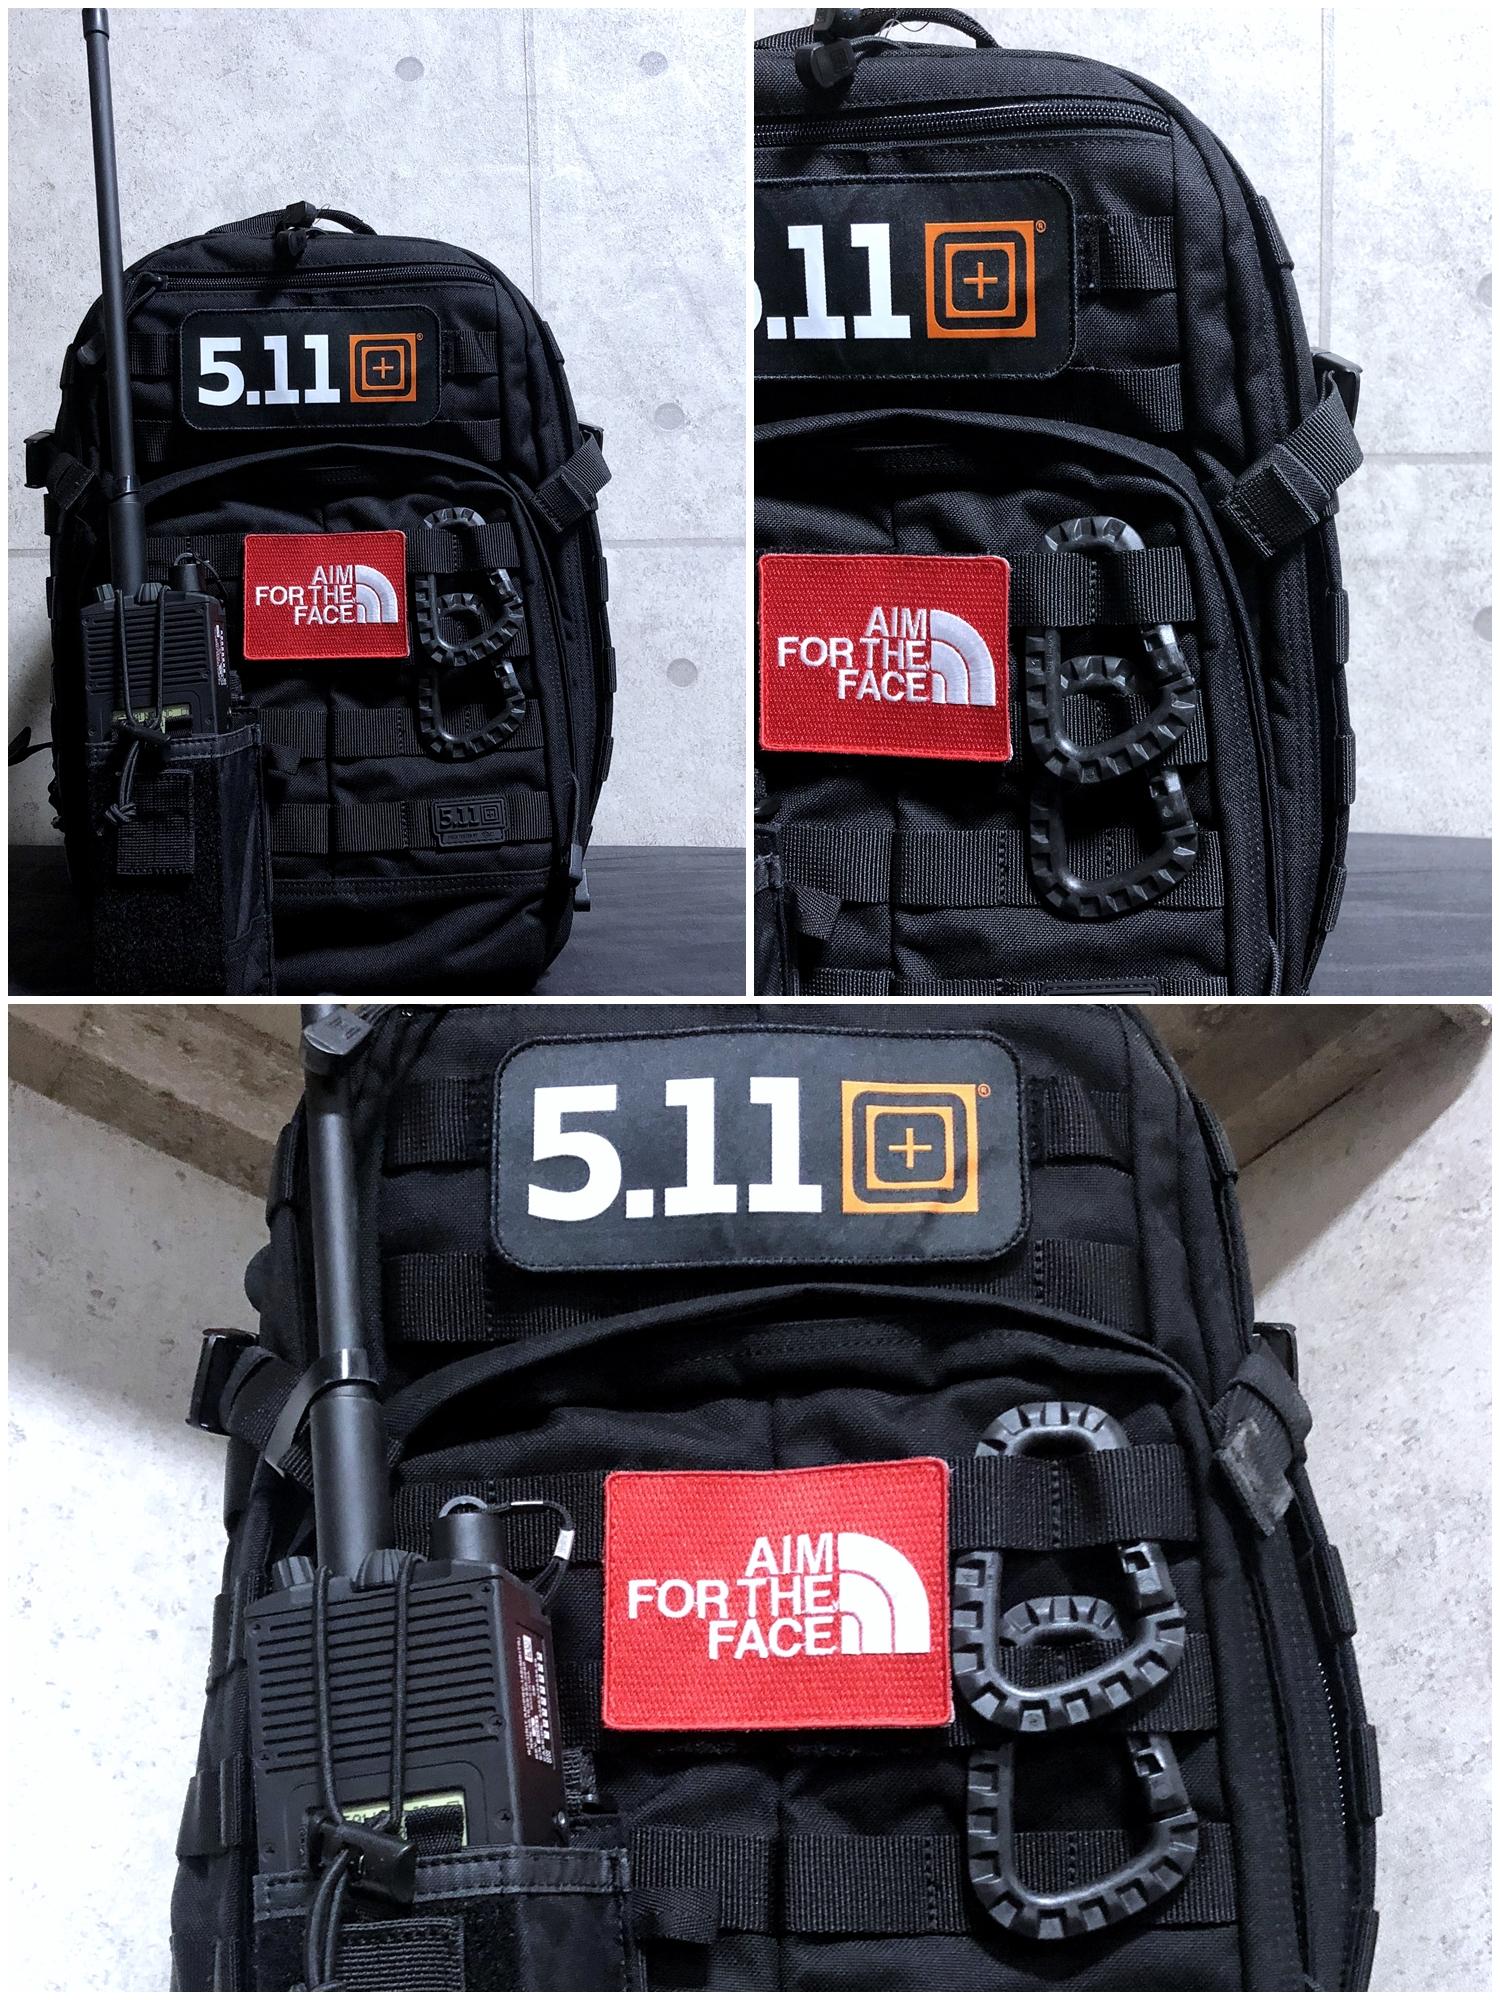 3 実物 511 Tactical RUSH 12 BACKPACK CUSTOM!! ライフルケース・ストラップシステム・ポーチ・ワッペン・ITW TAC LINKなど!! ファイブイレブン タクティカル ラッシュ バックパック カスタム!! 購入 取付 レビュー